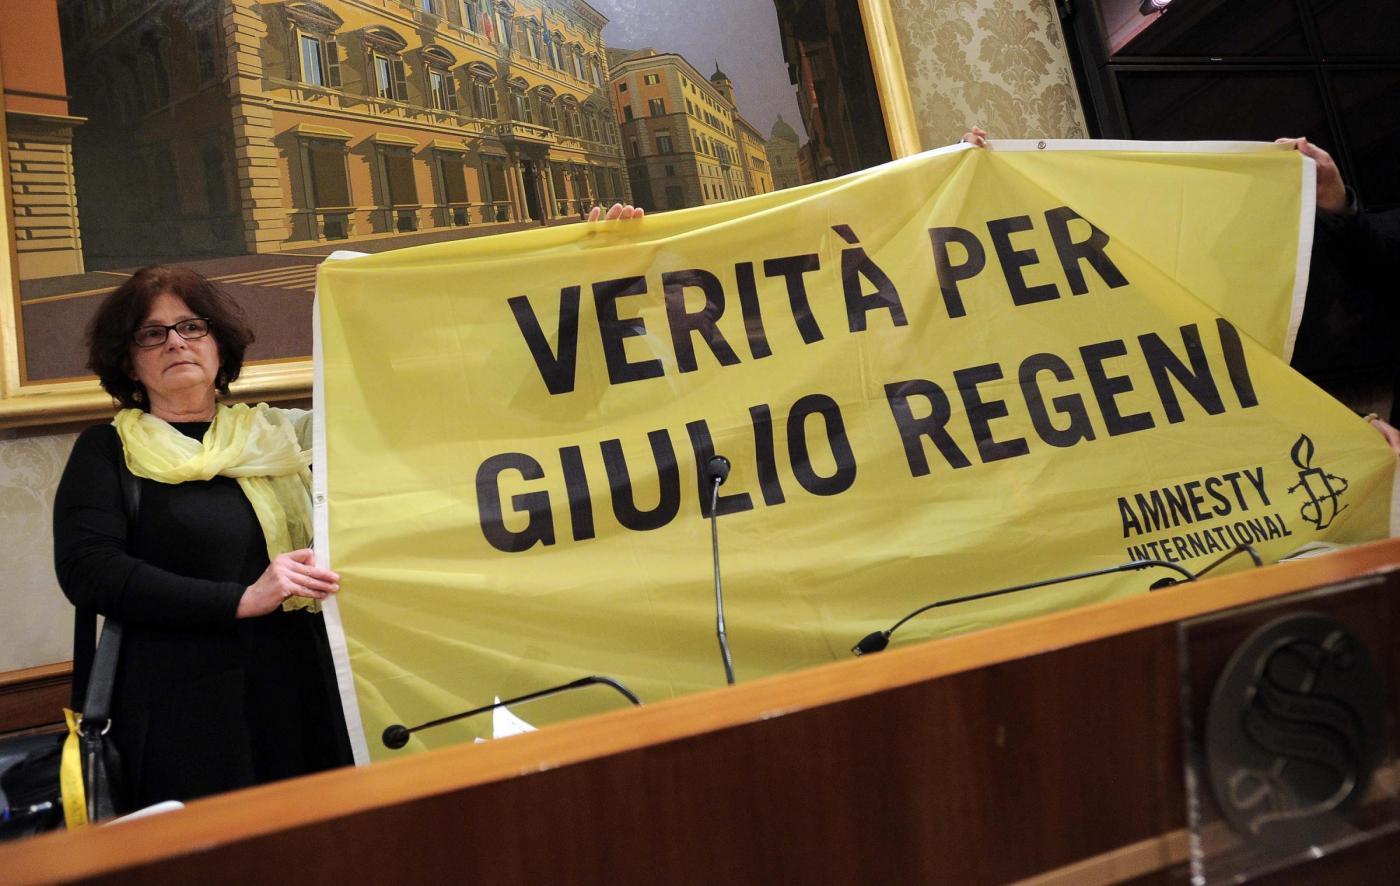 Giulio Regeni, parlano i genitori: 'Riconosciuto dalla punta del naso, ha subìto torture nazifasciste'